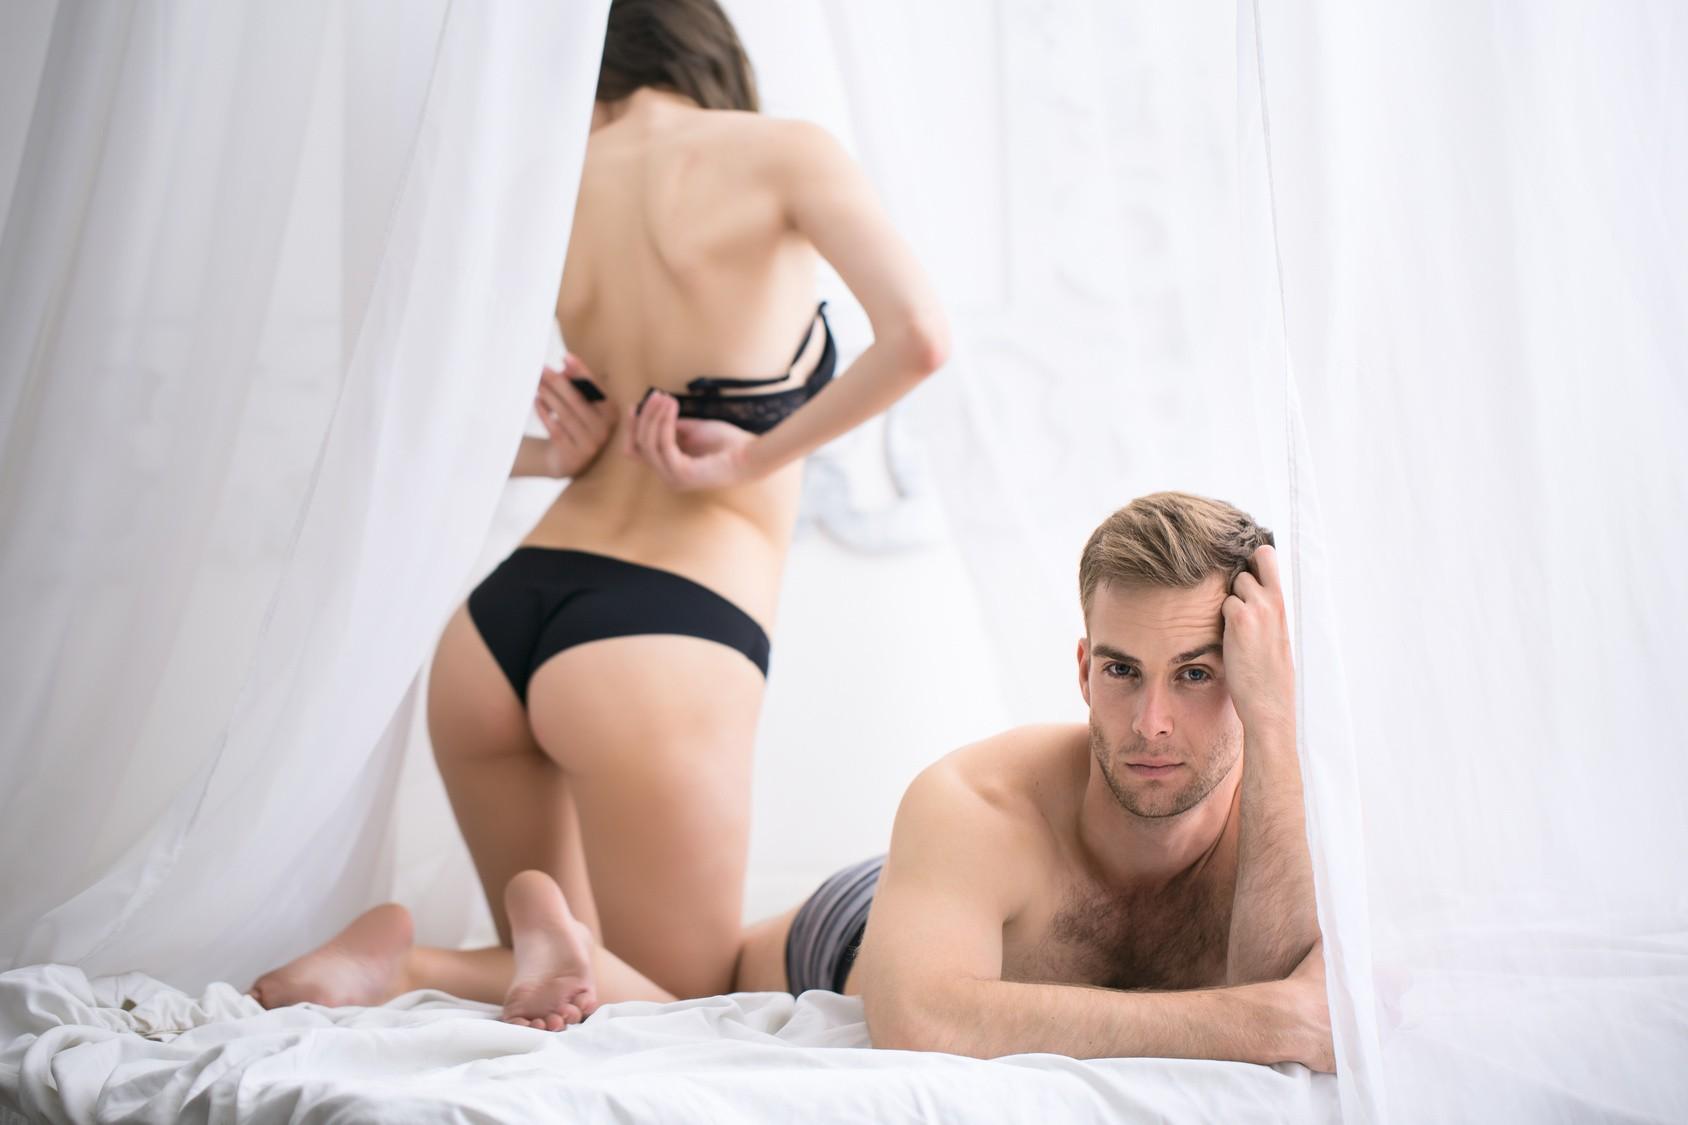 hogyan lehet növelni a férfiak libidóját)